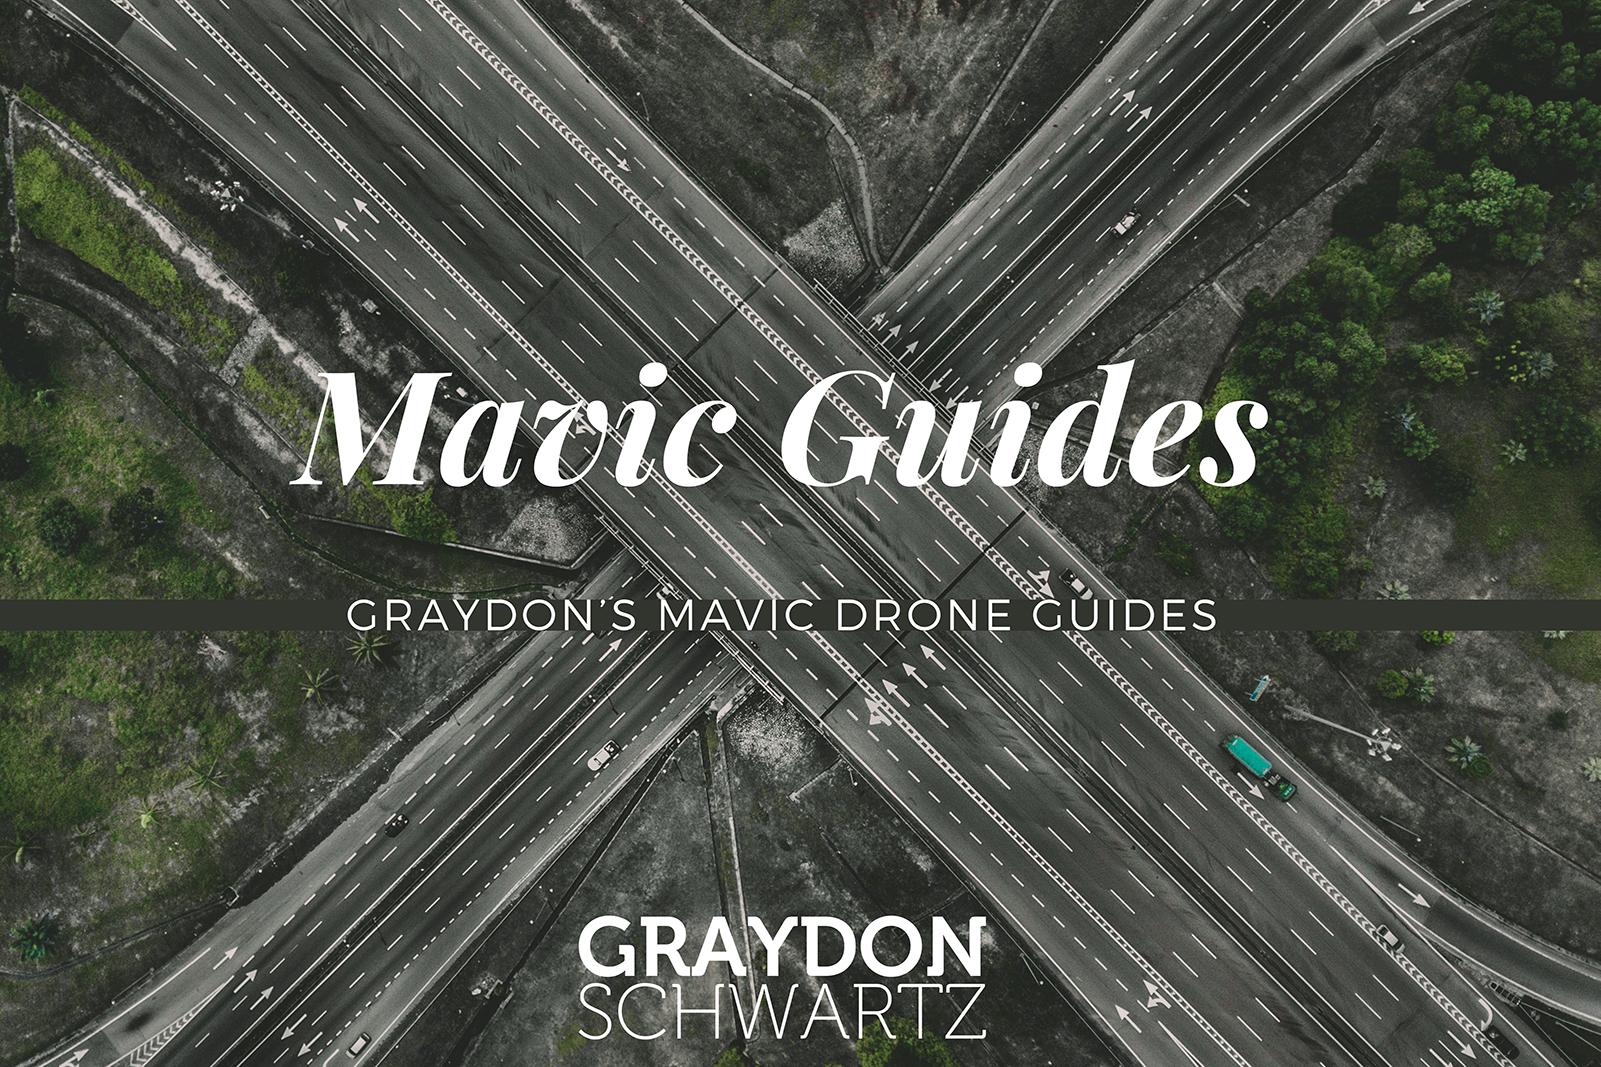 Graydon's Mavic Drone Guides